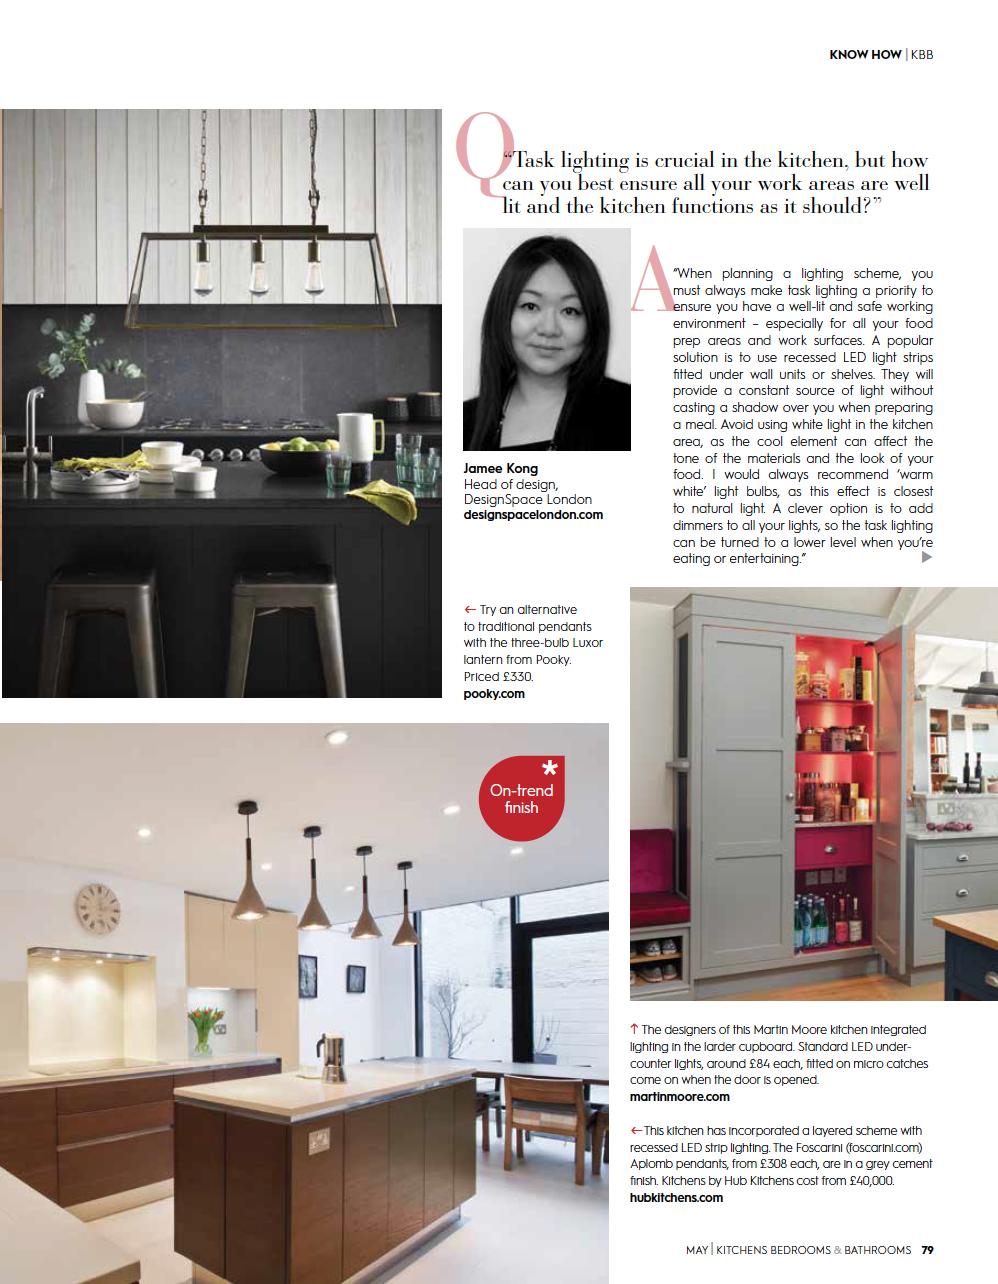 Eleanor Bell Kitchens, Bedrooms & Bathrooms May 2018 Kitchen Lighting 4